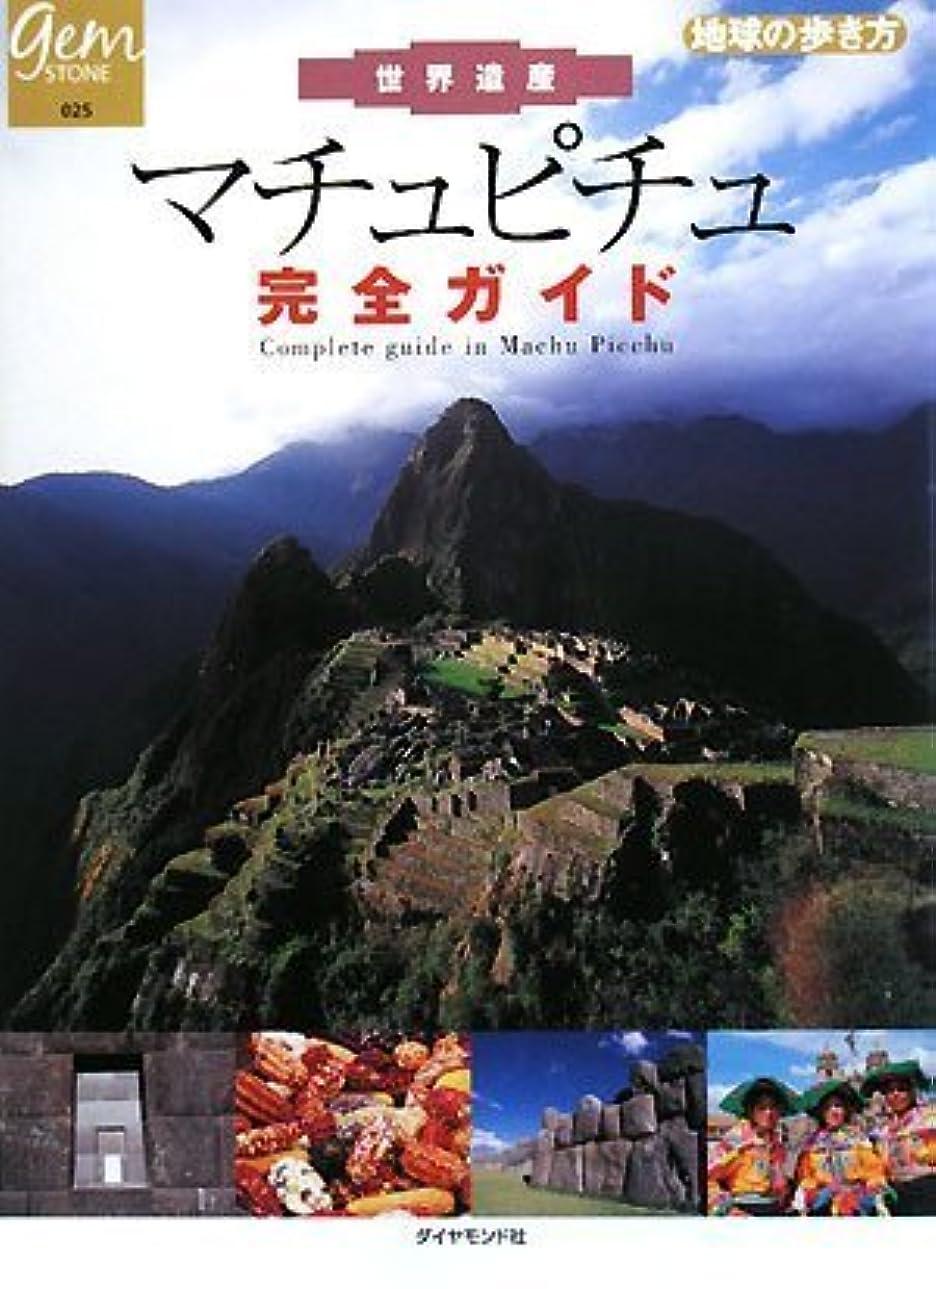 冒険省登場世界遺産 マチュピチュ完全ガイド (地球の歩き方 GEM STONE 25)